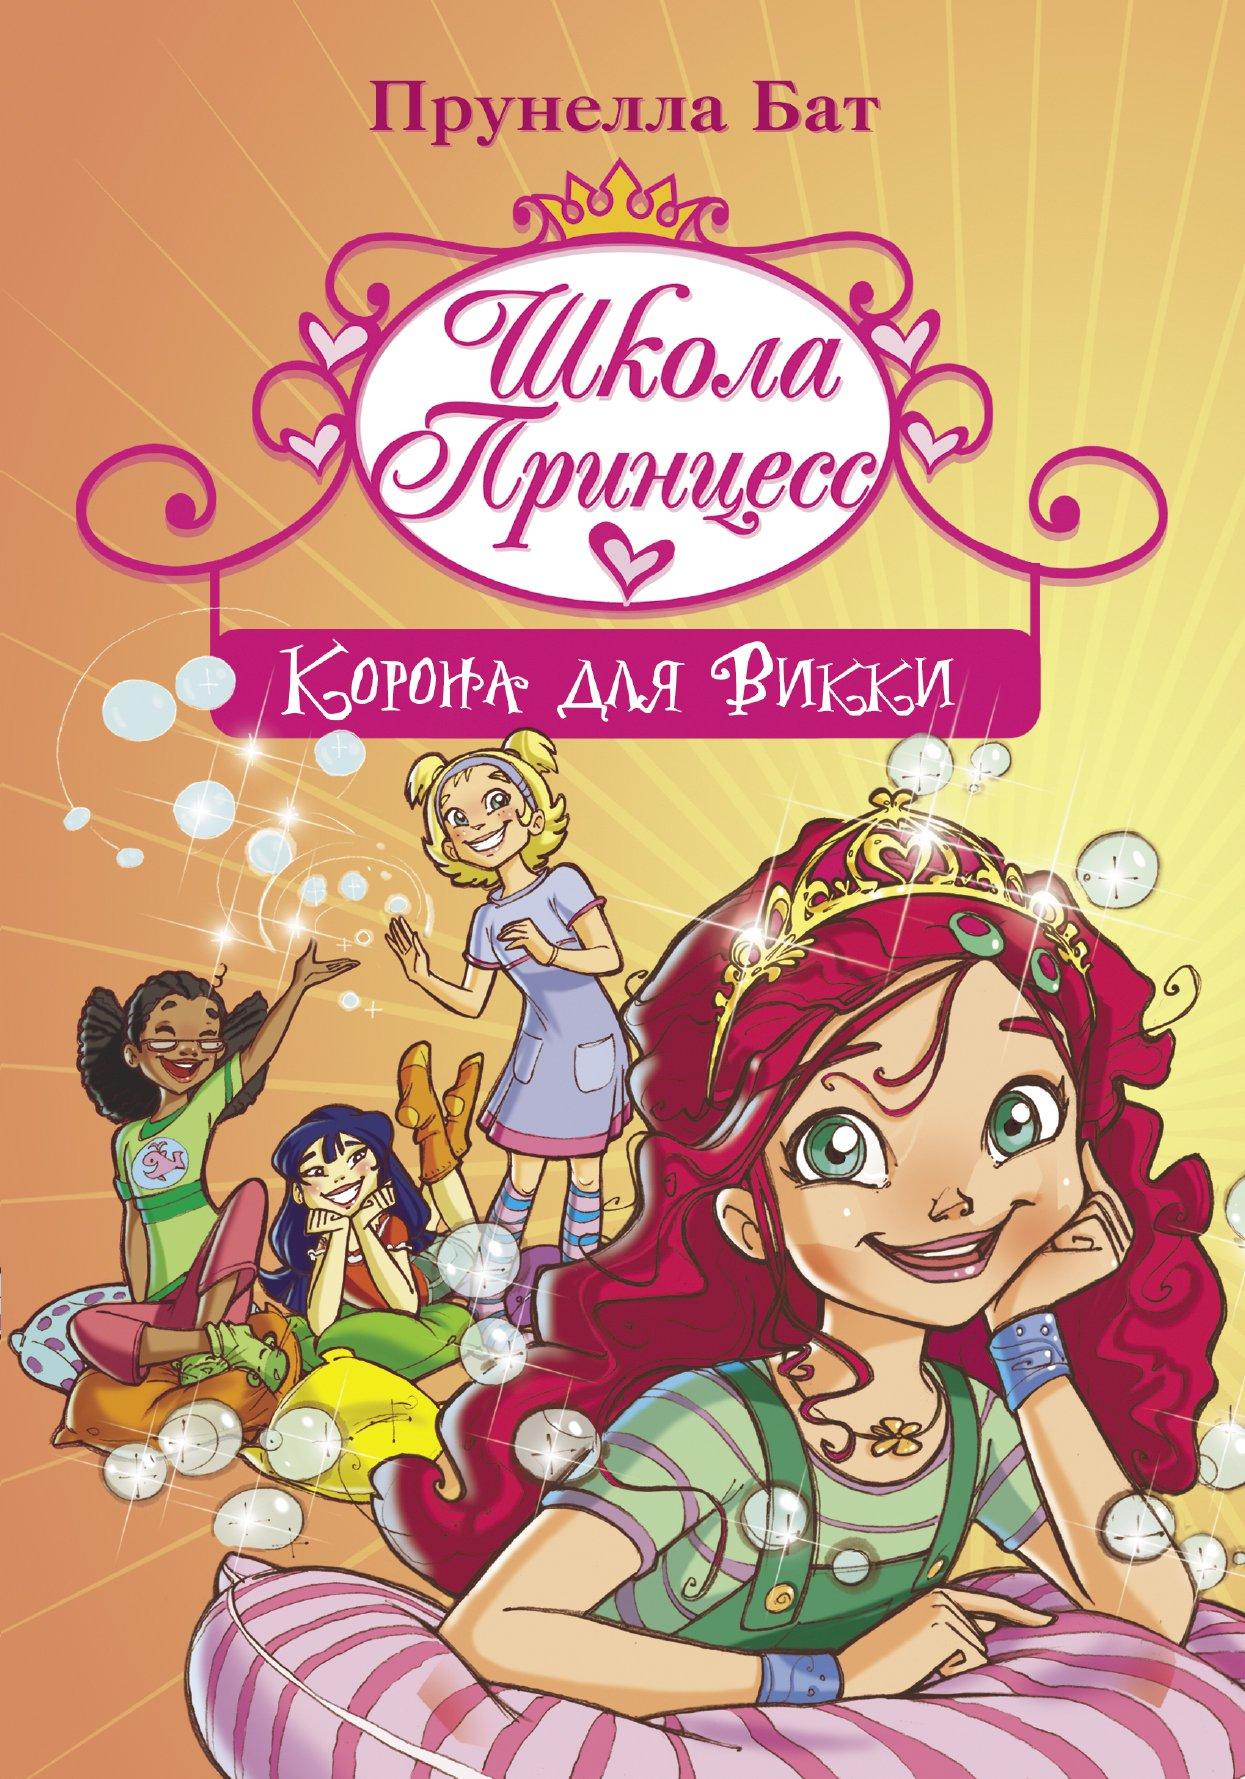 Прунелла Бат Школа Принцесс. Корона для Викки